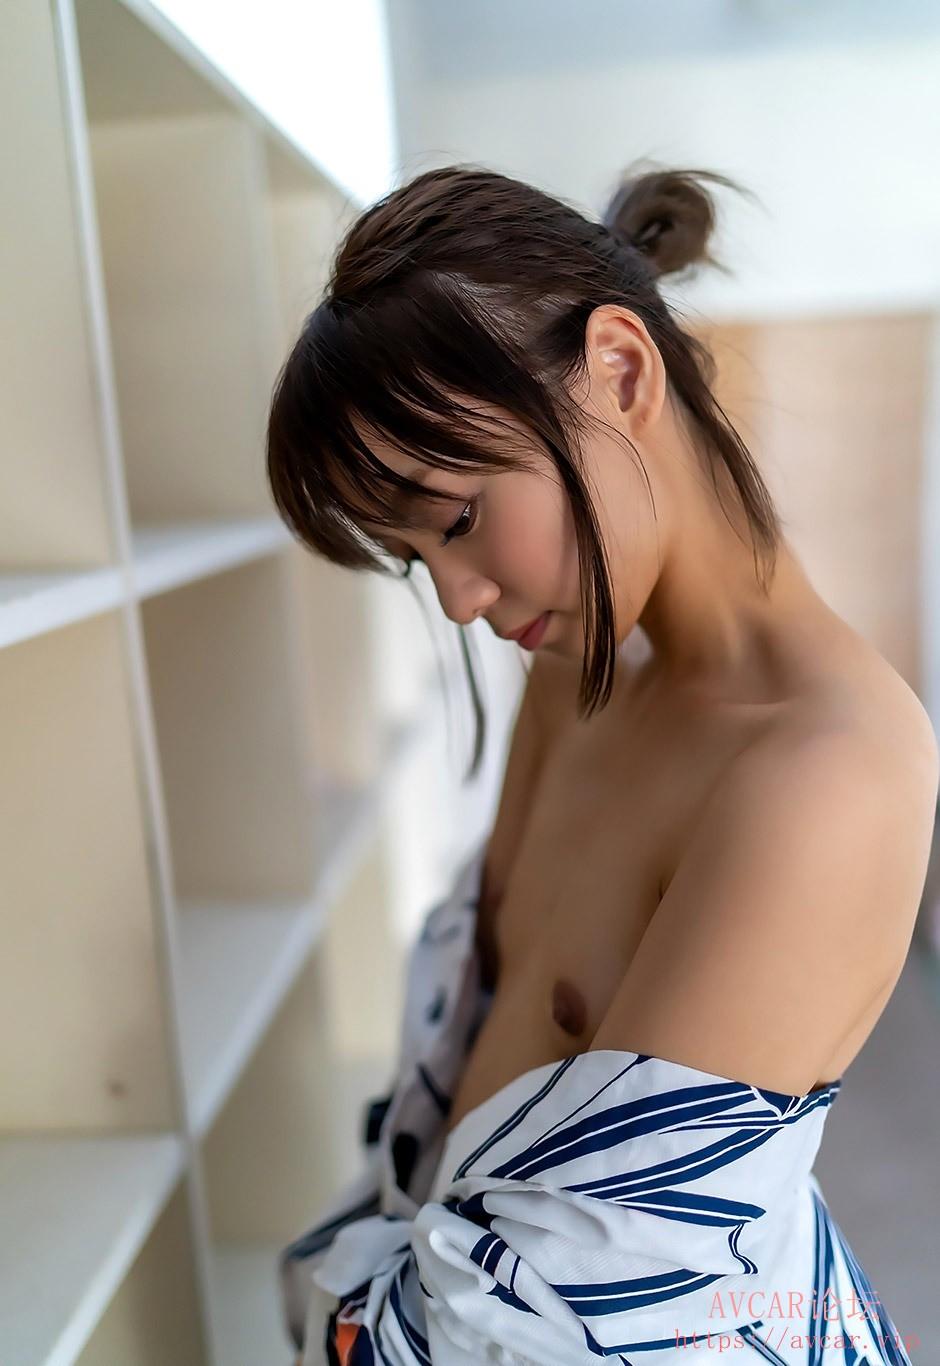 suzu-monami-4.jpg